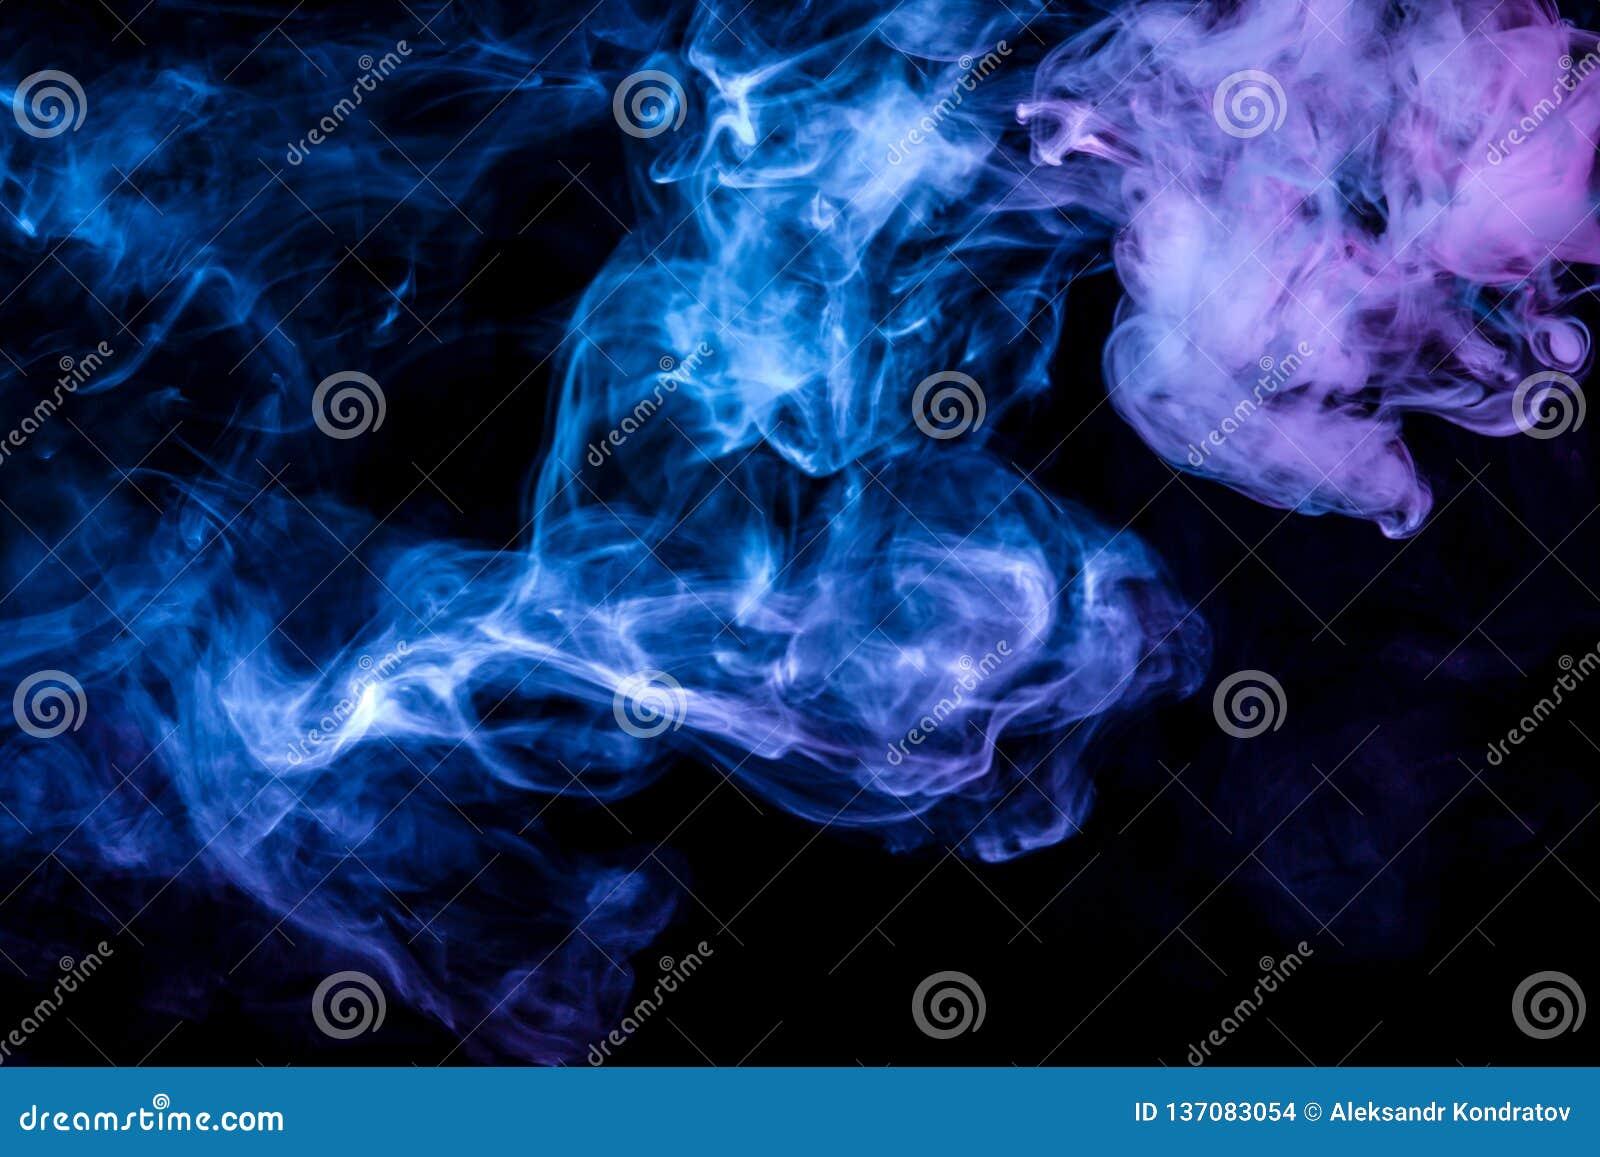 Λέσχες του χρωματισμένου καπνού του μπλε και ρόδινου χρώματος σε ένα μαύρο υπόβαθρο υπό μορφή μαλακών σύννεφων από το vape